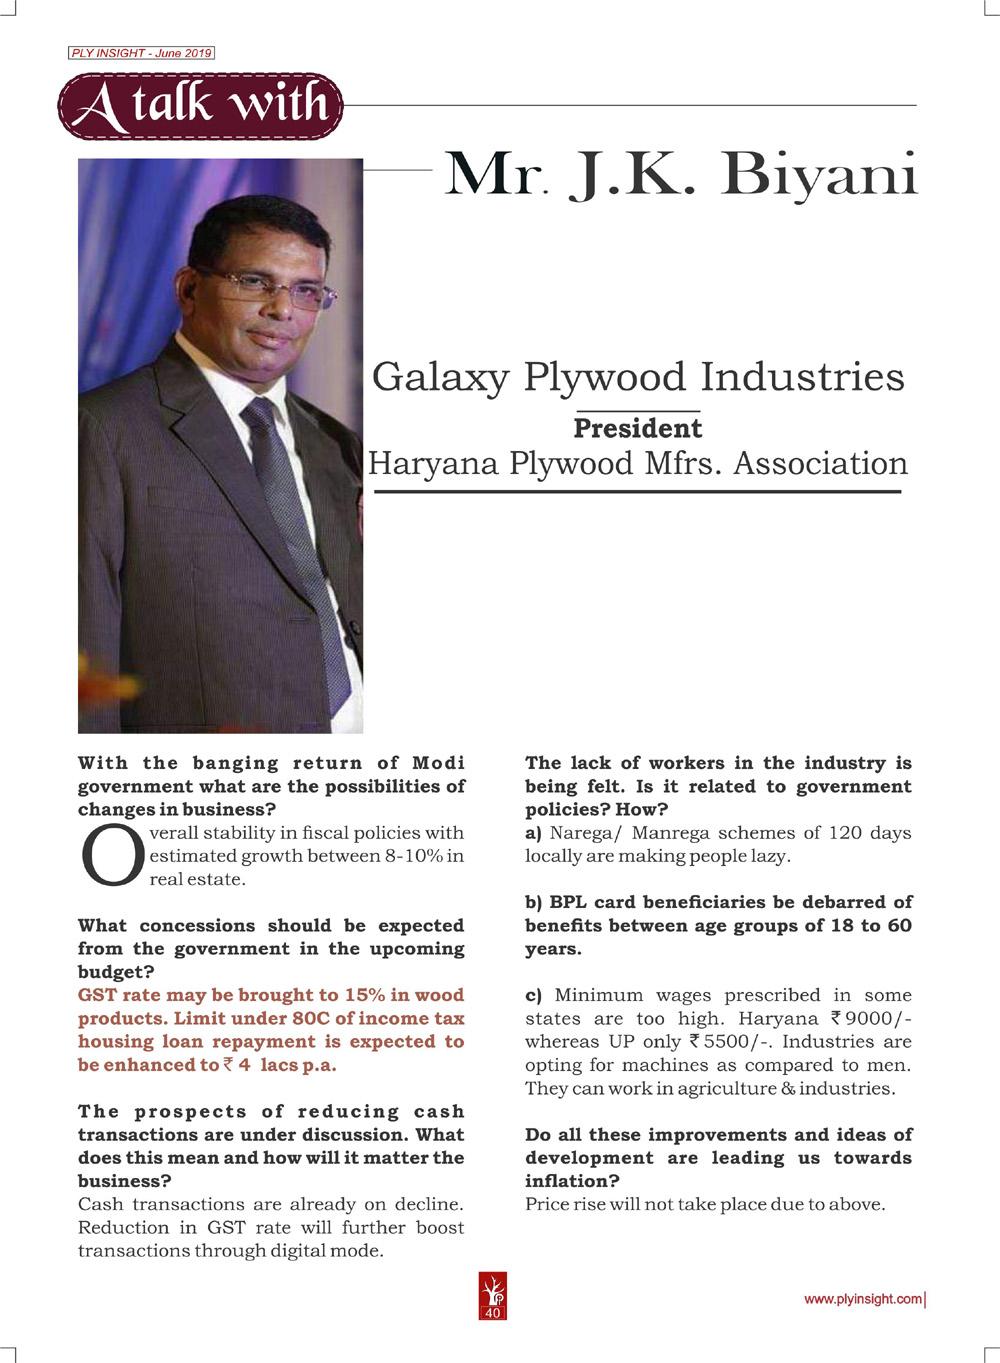 Mr. J.K. Biyani